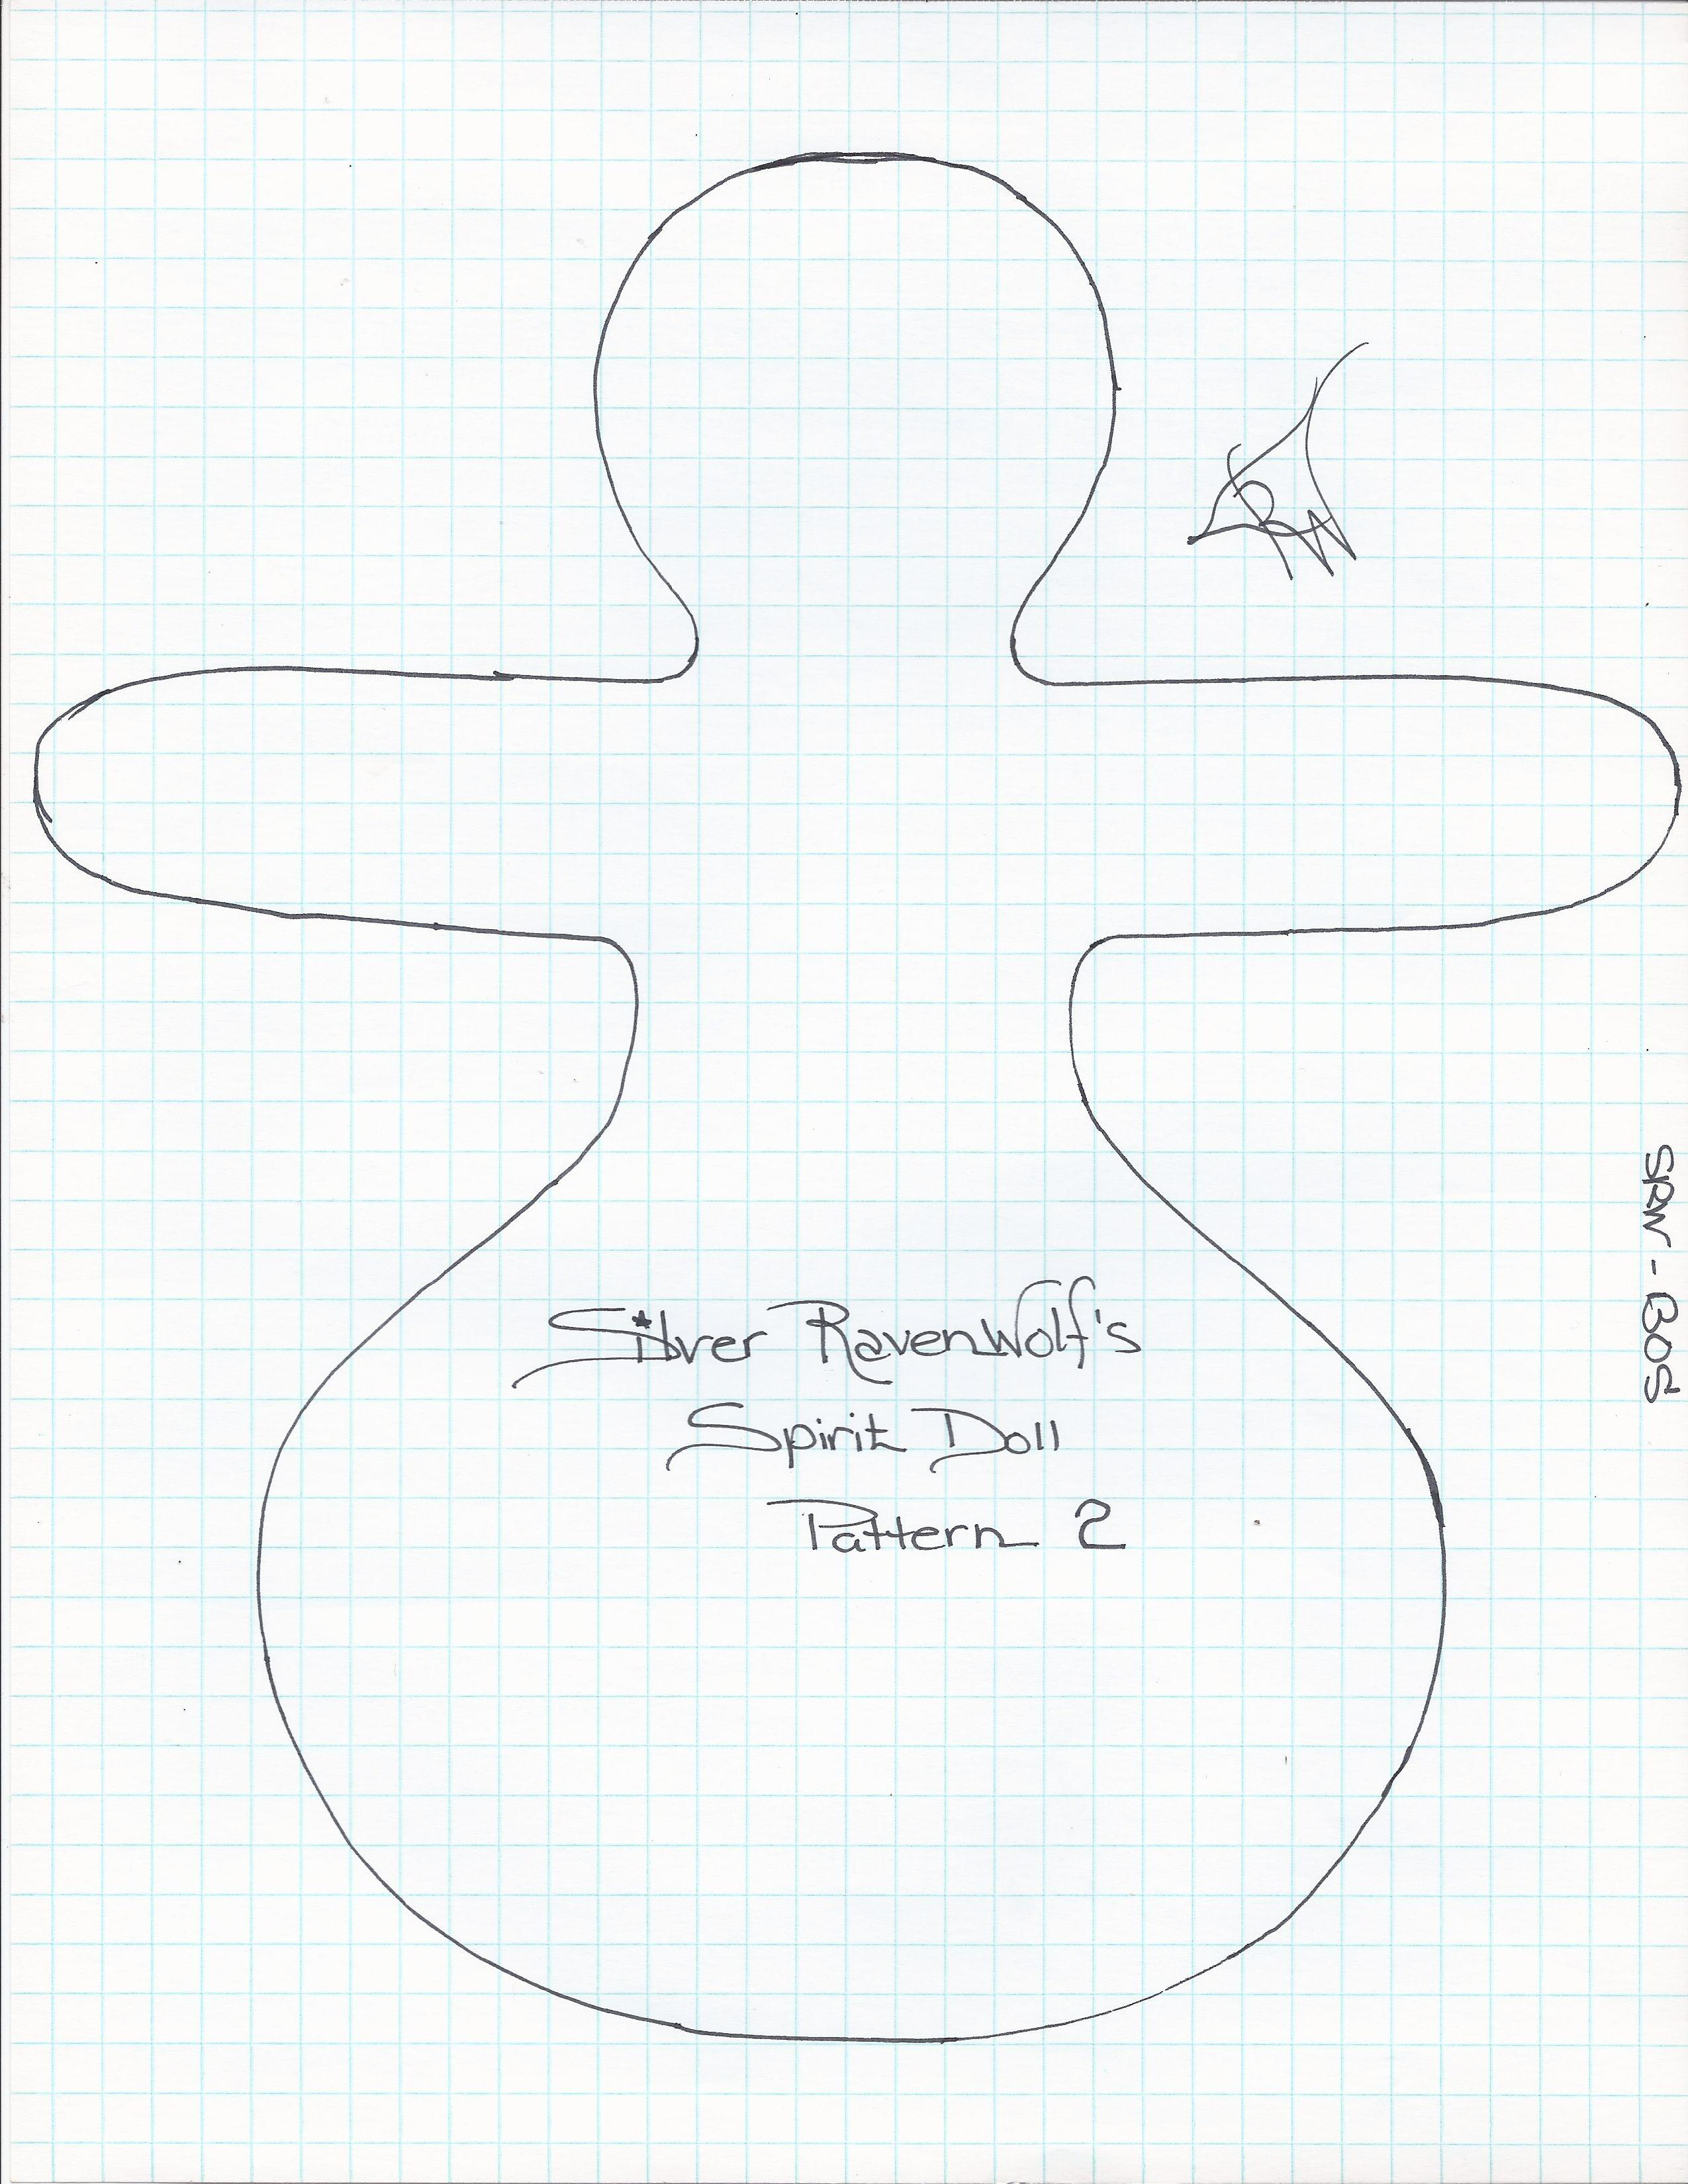 Silver Ravenwolf Spirit Doll Pattern 2